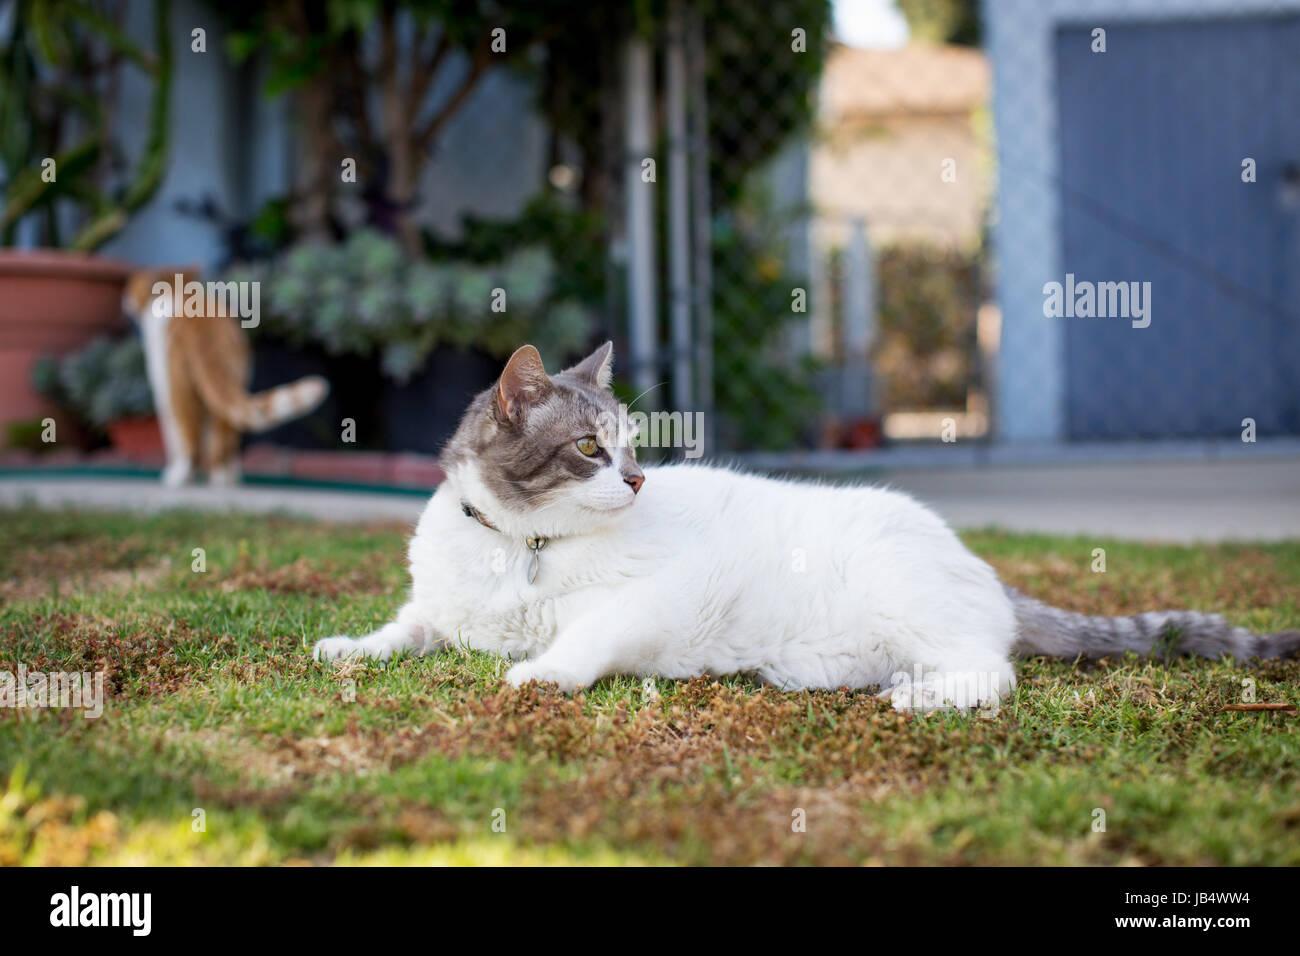 Dos gatos mirando relajado y contenido en un patio delantero / ajuste de barrio. Tarde en el día, la luz dorada. Imagen De Stock